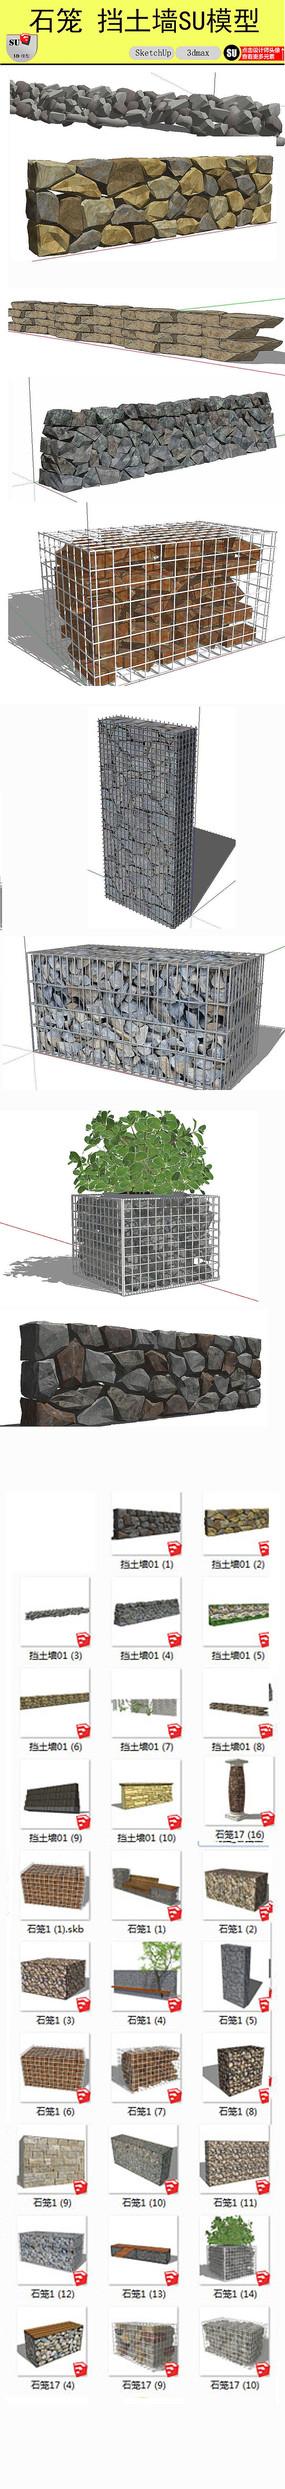 挡土墙模型